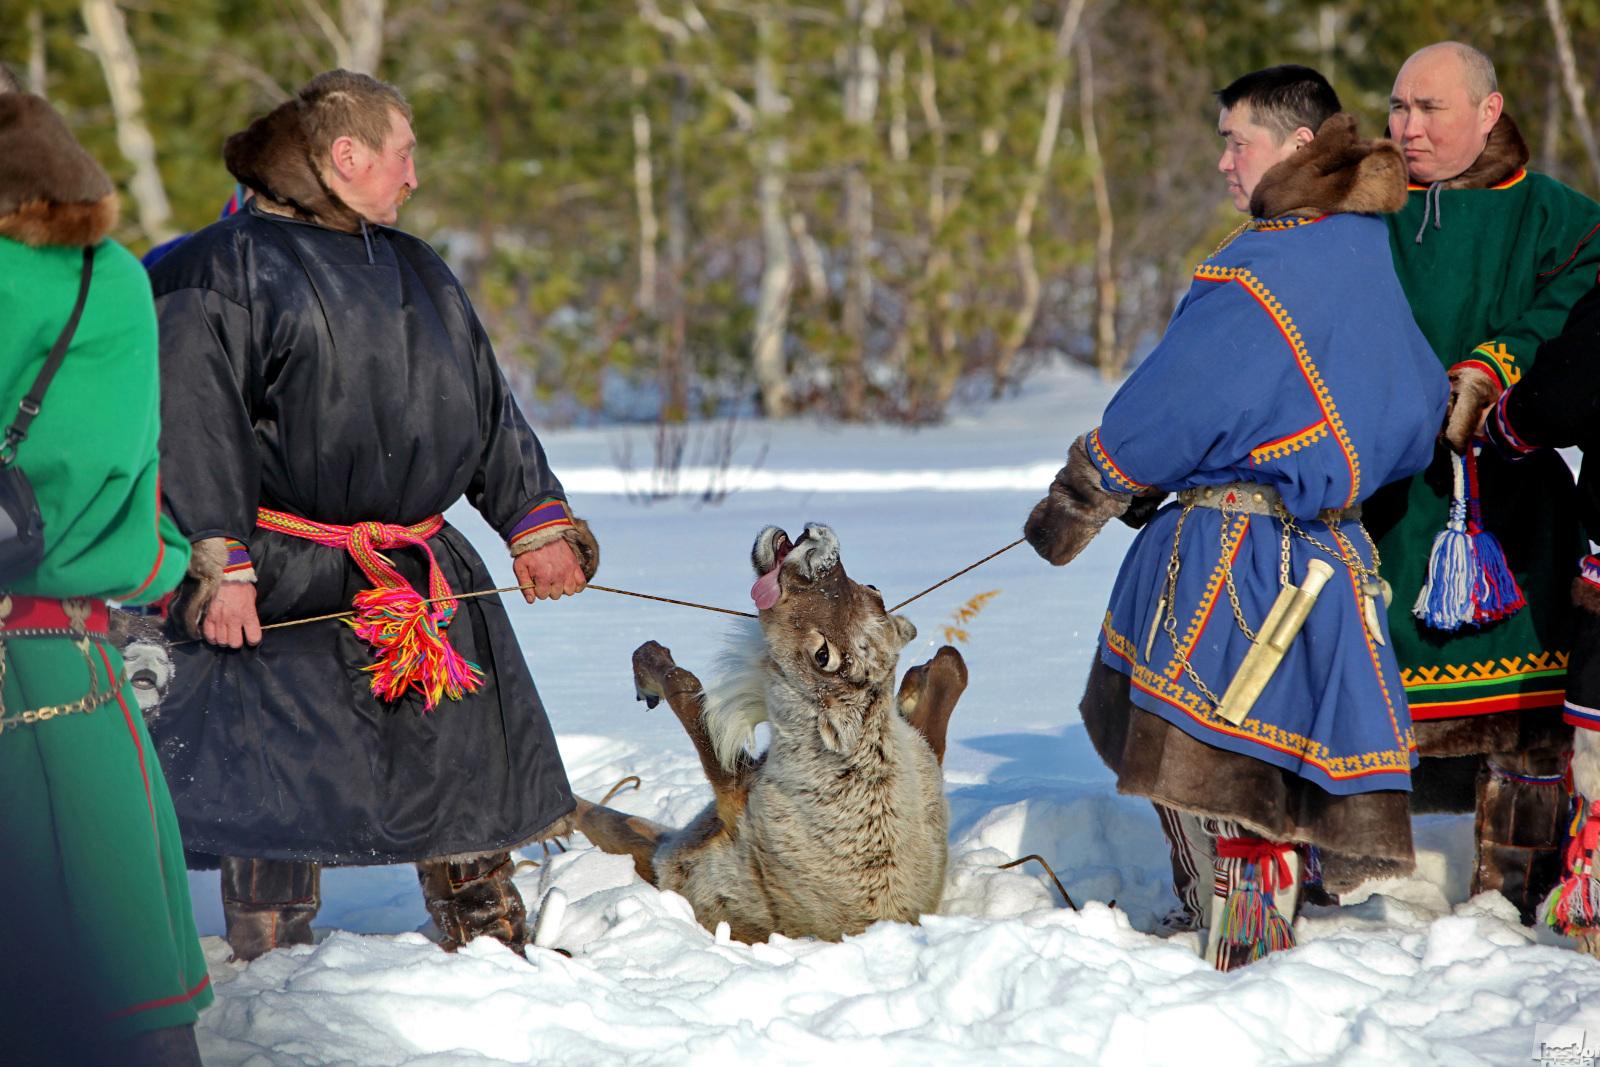 神聖なヌムト湖で鹿を生け贄にするマンシ人。ヌムト、ハンティ・マンシィスク。